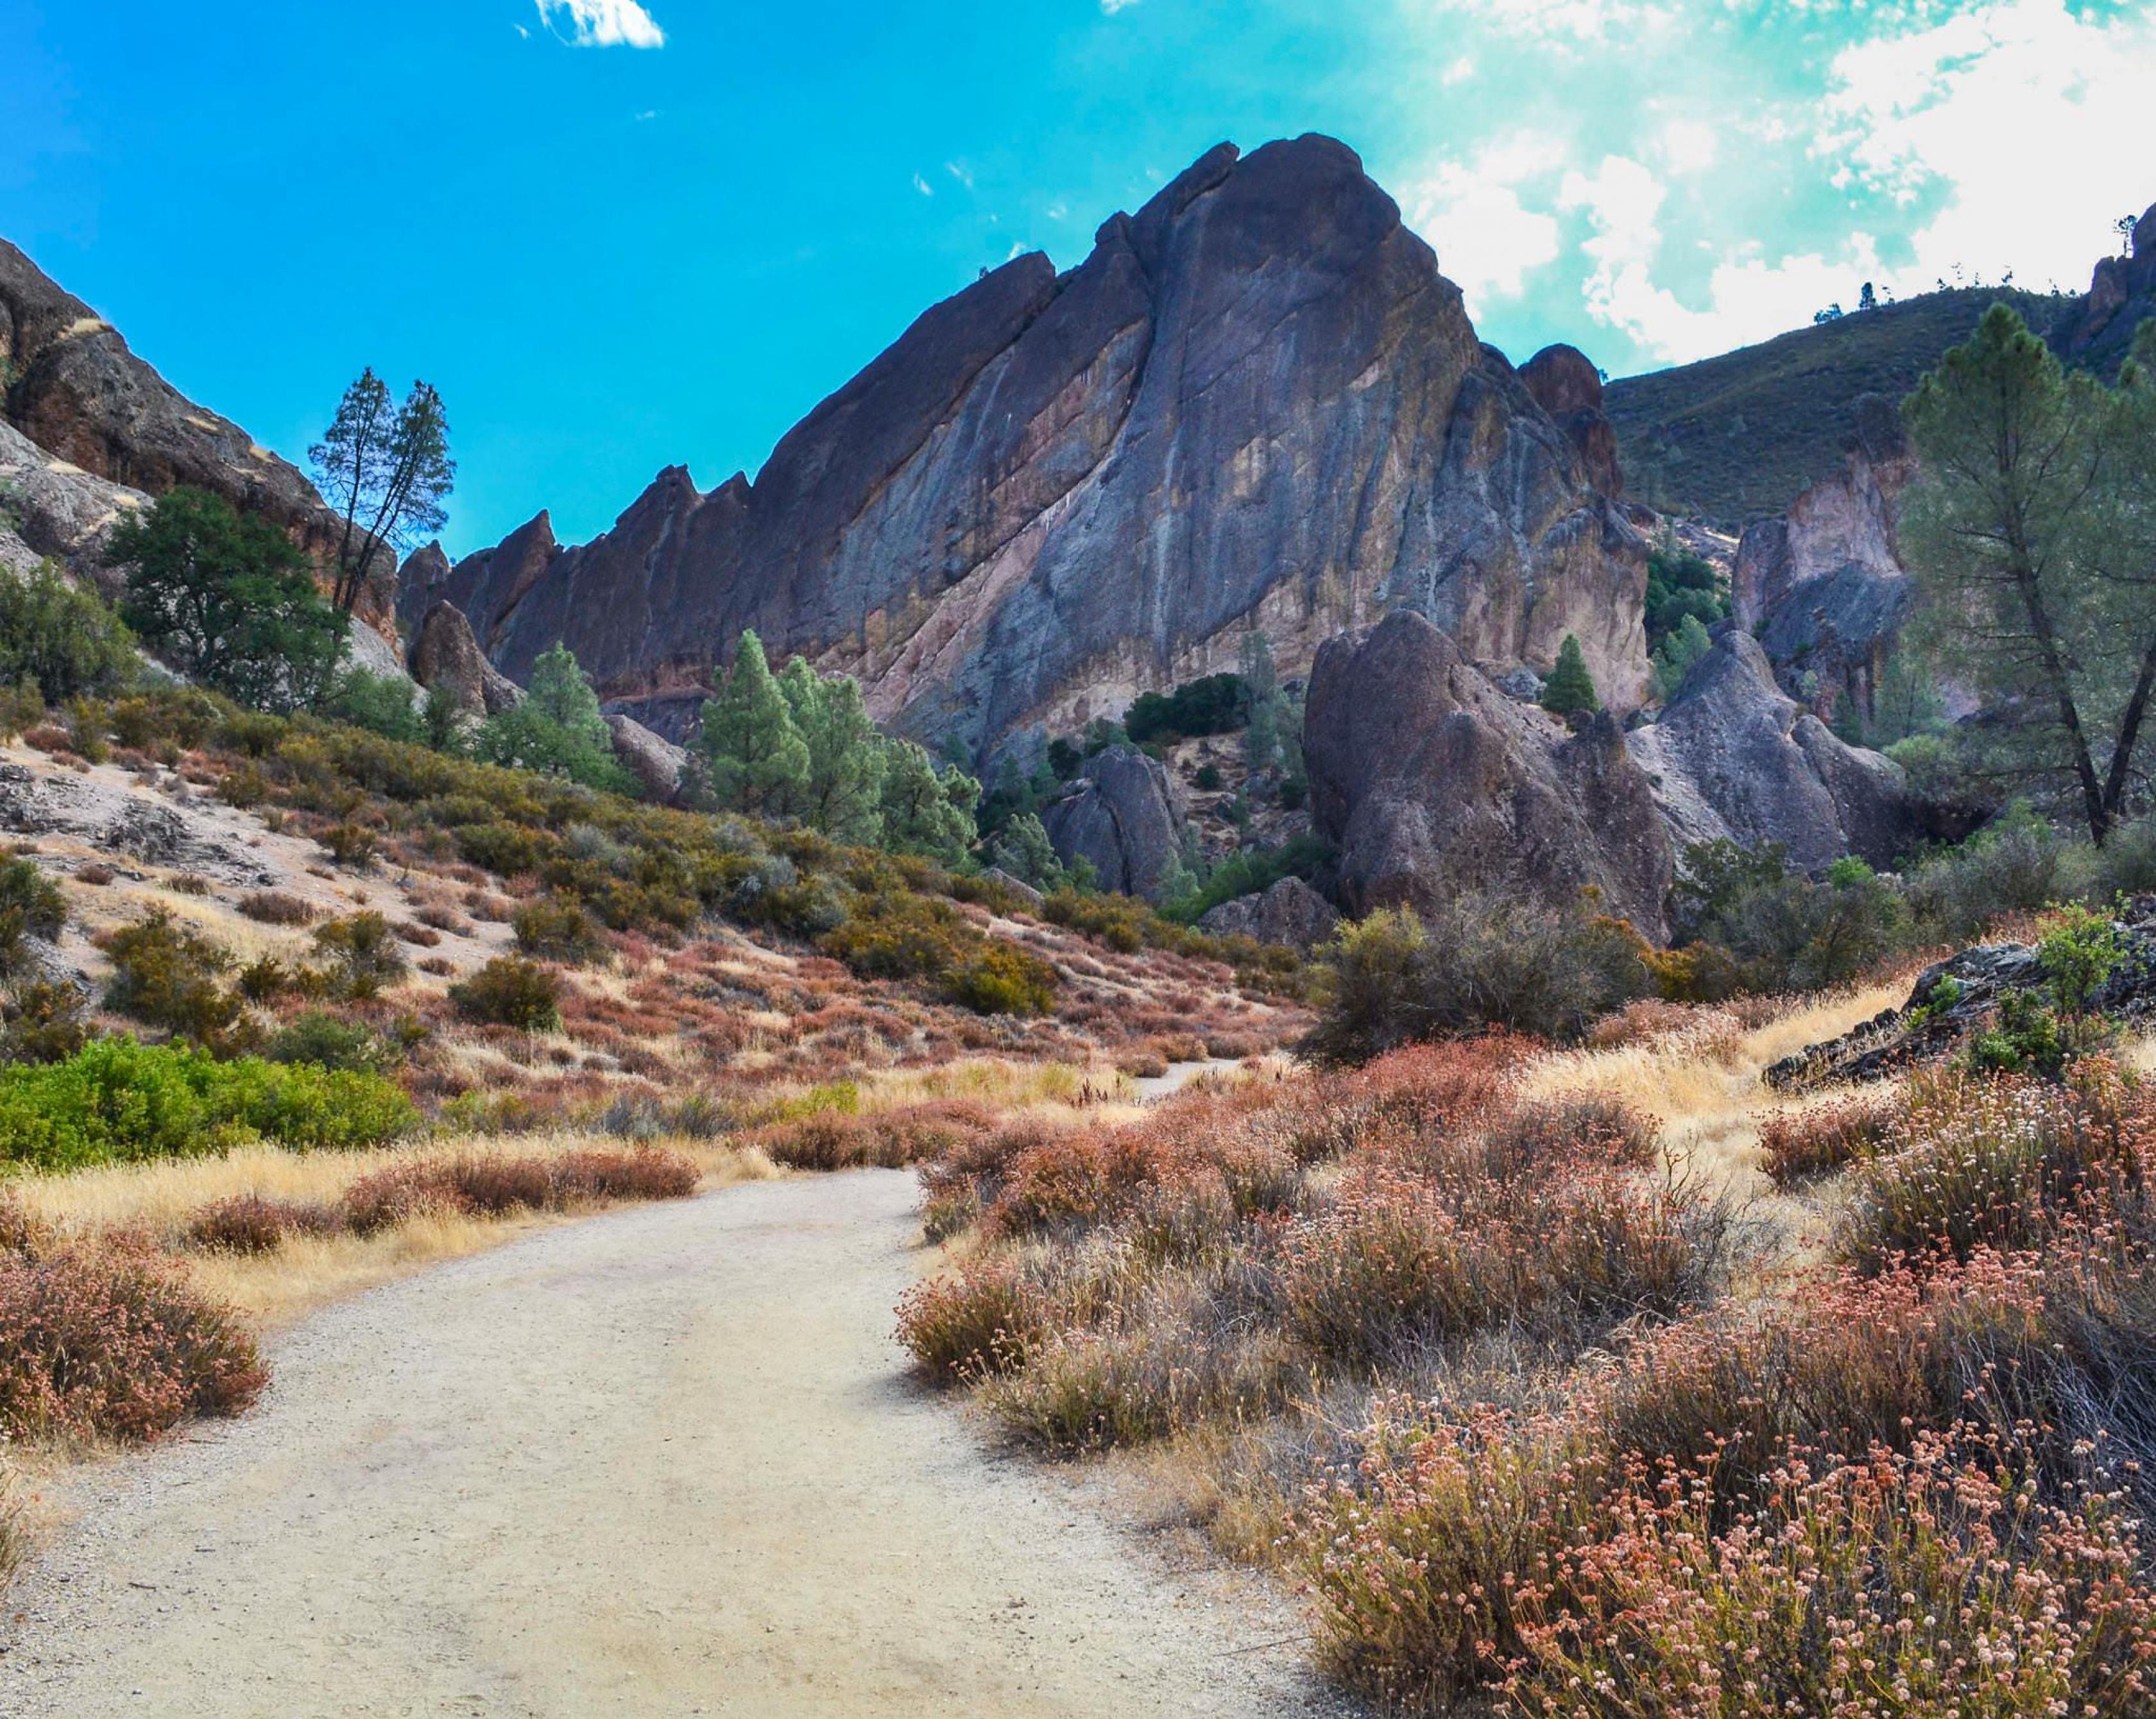 Un paisaje en el parque nacional de los pináculos, formalmente un monumento nacional.